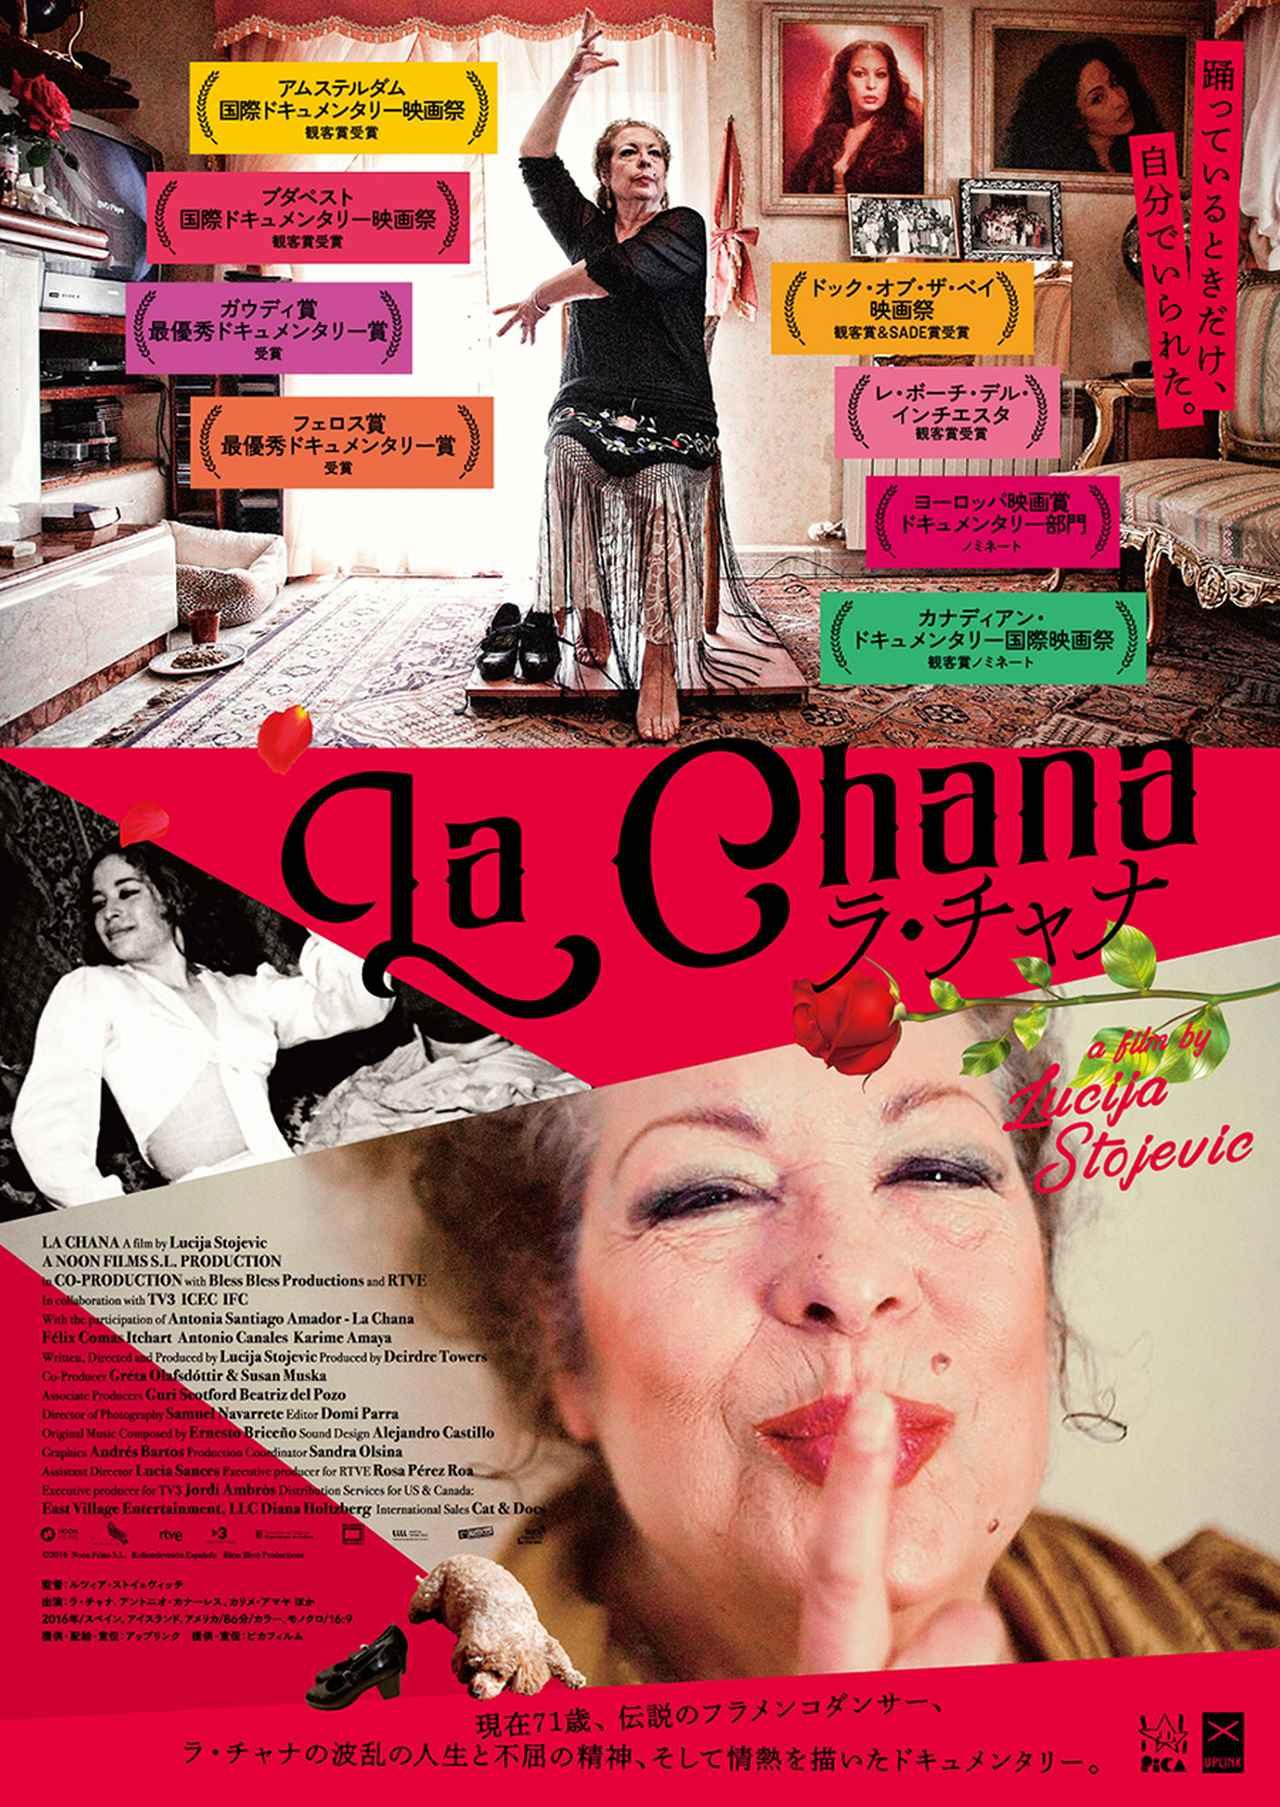 画像: 映画『ラ・チャナ』公開決定!現在71歳、伝説のフラメンコダンサーが笑い、吠え、踊り、生きる!